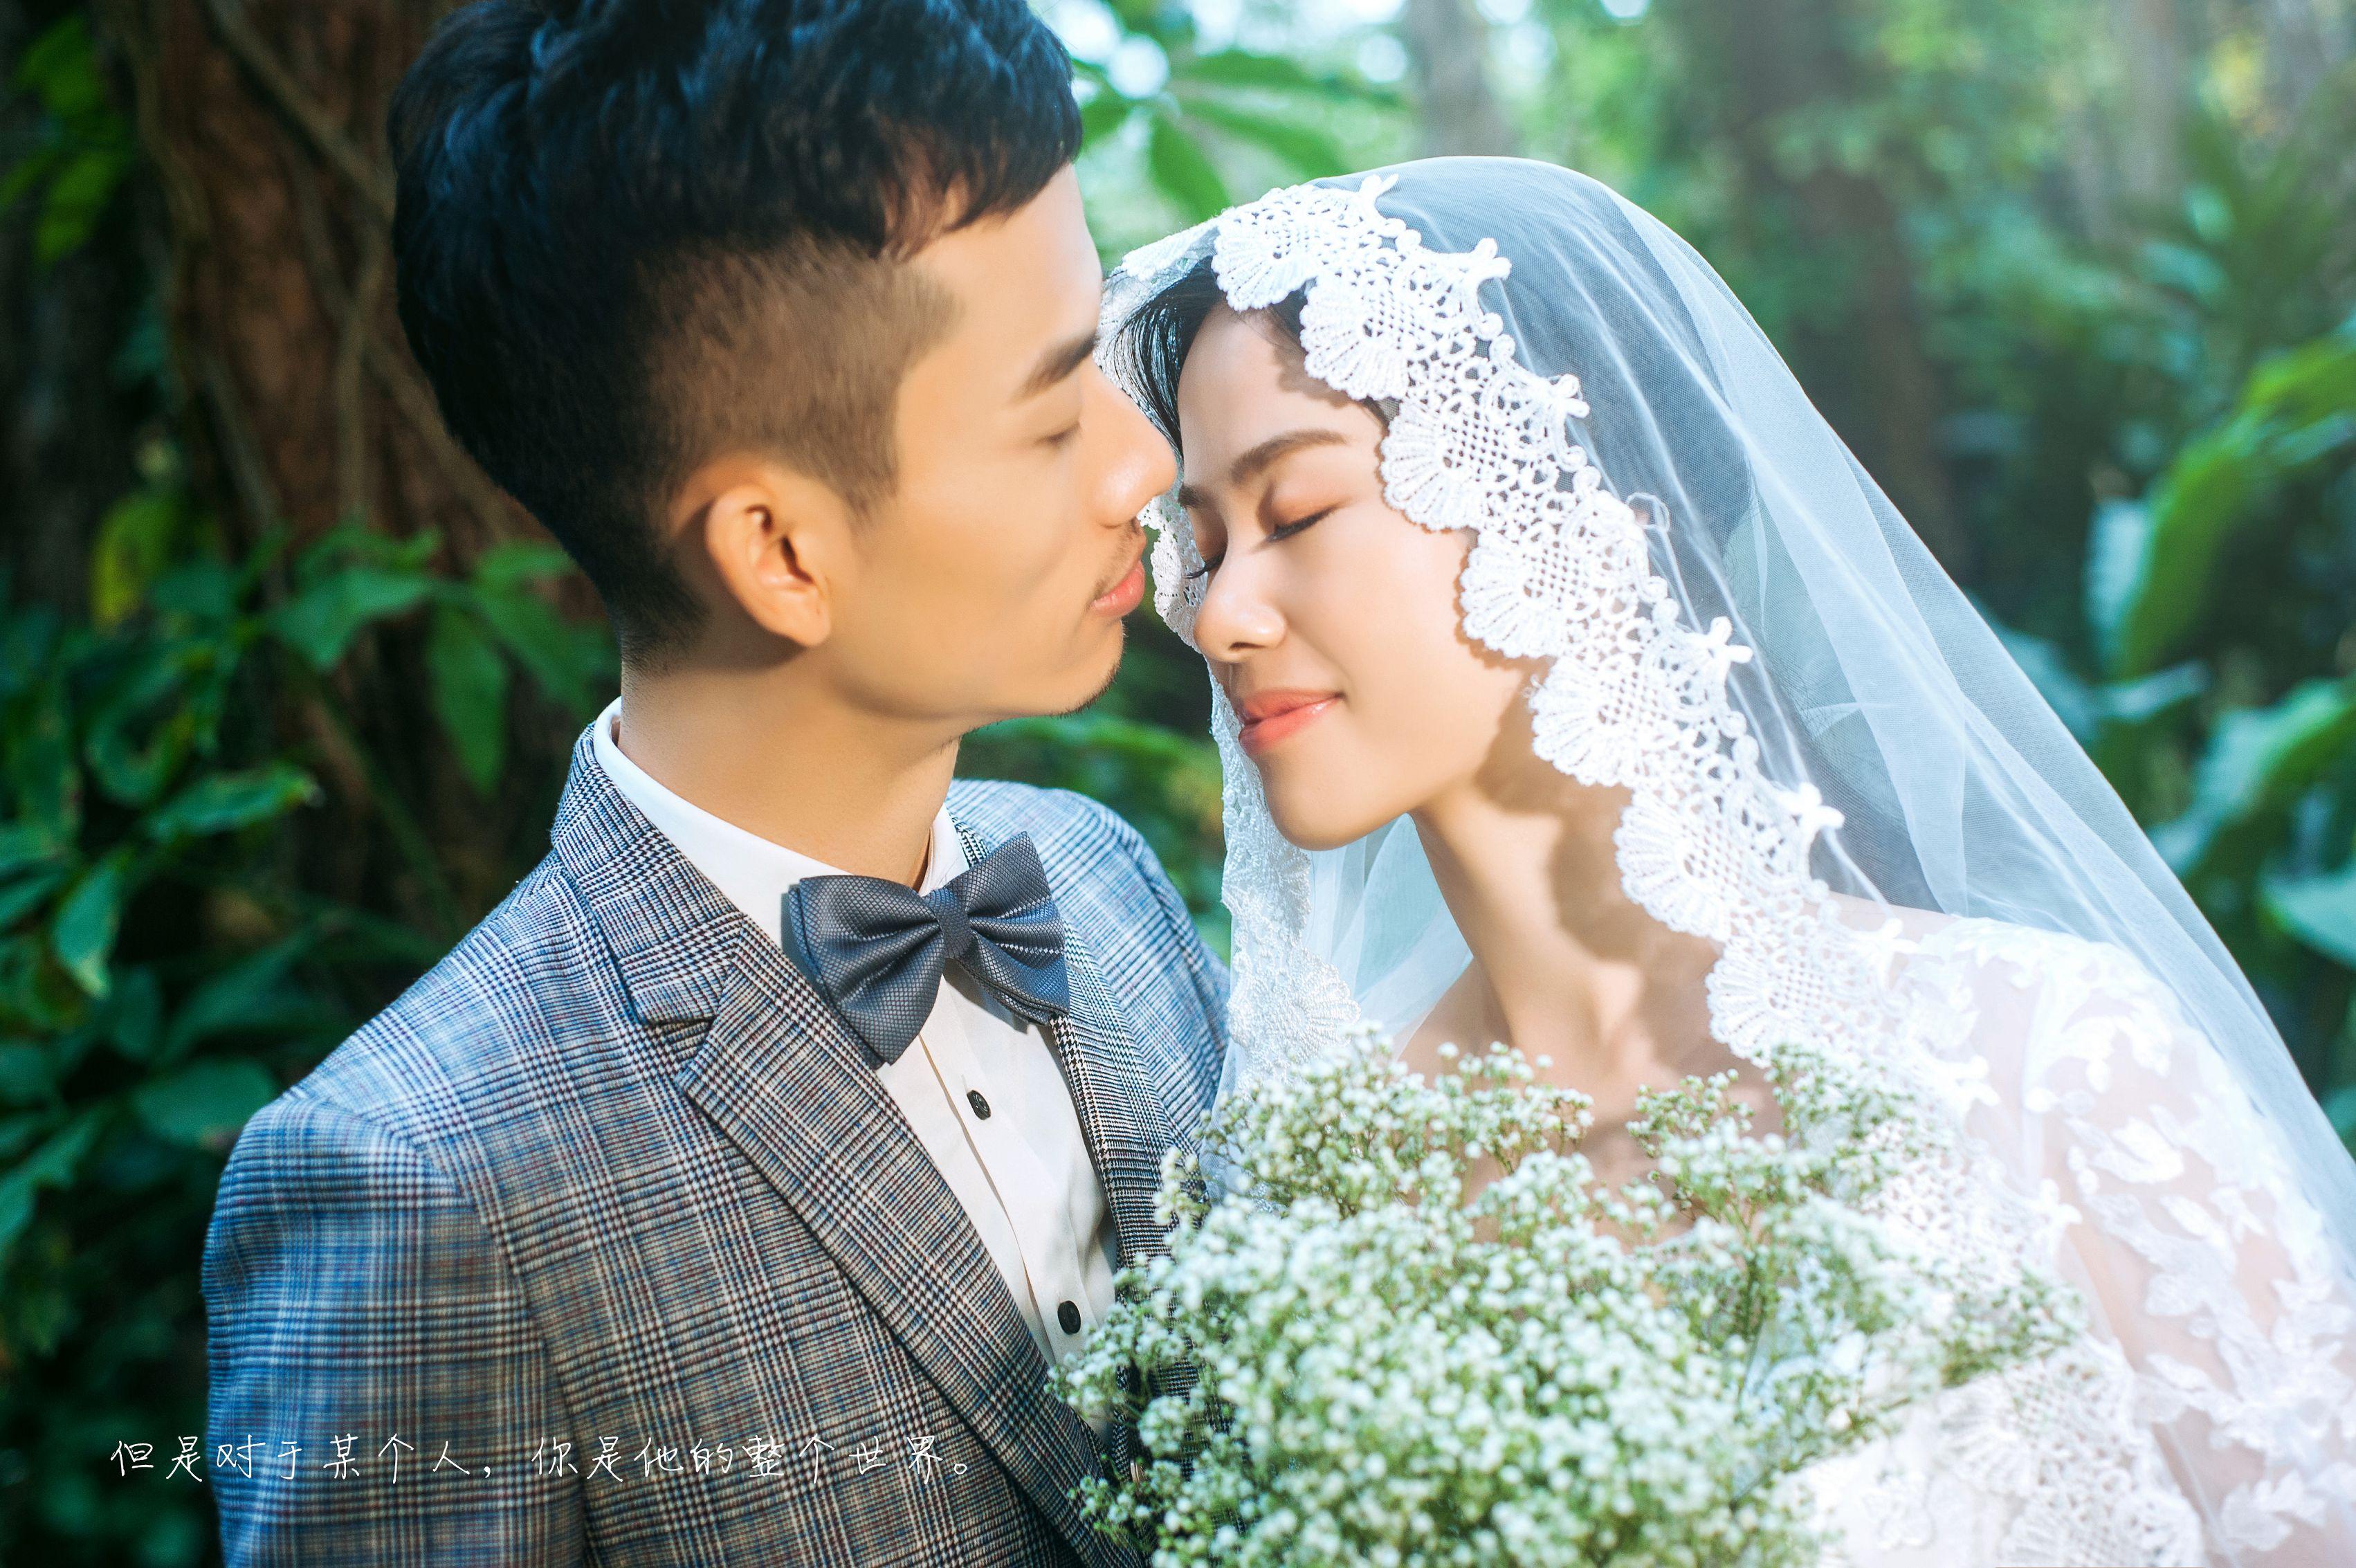 2018流行的八种婚纱照风格 看完想结婚了